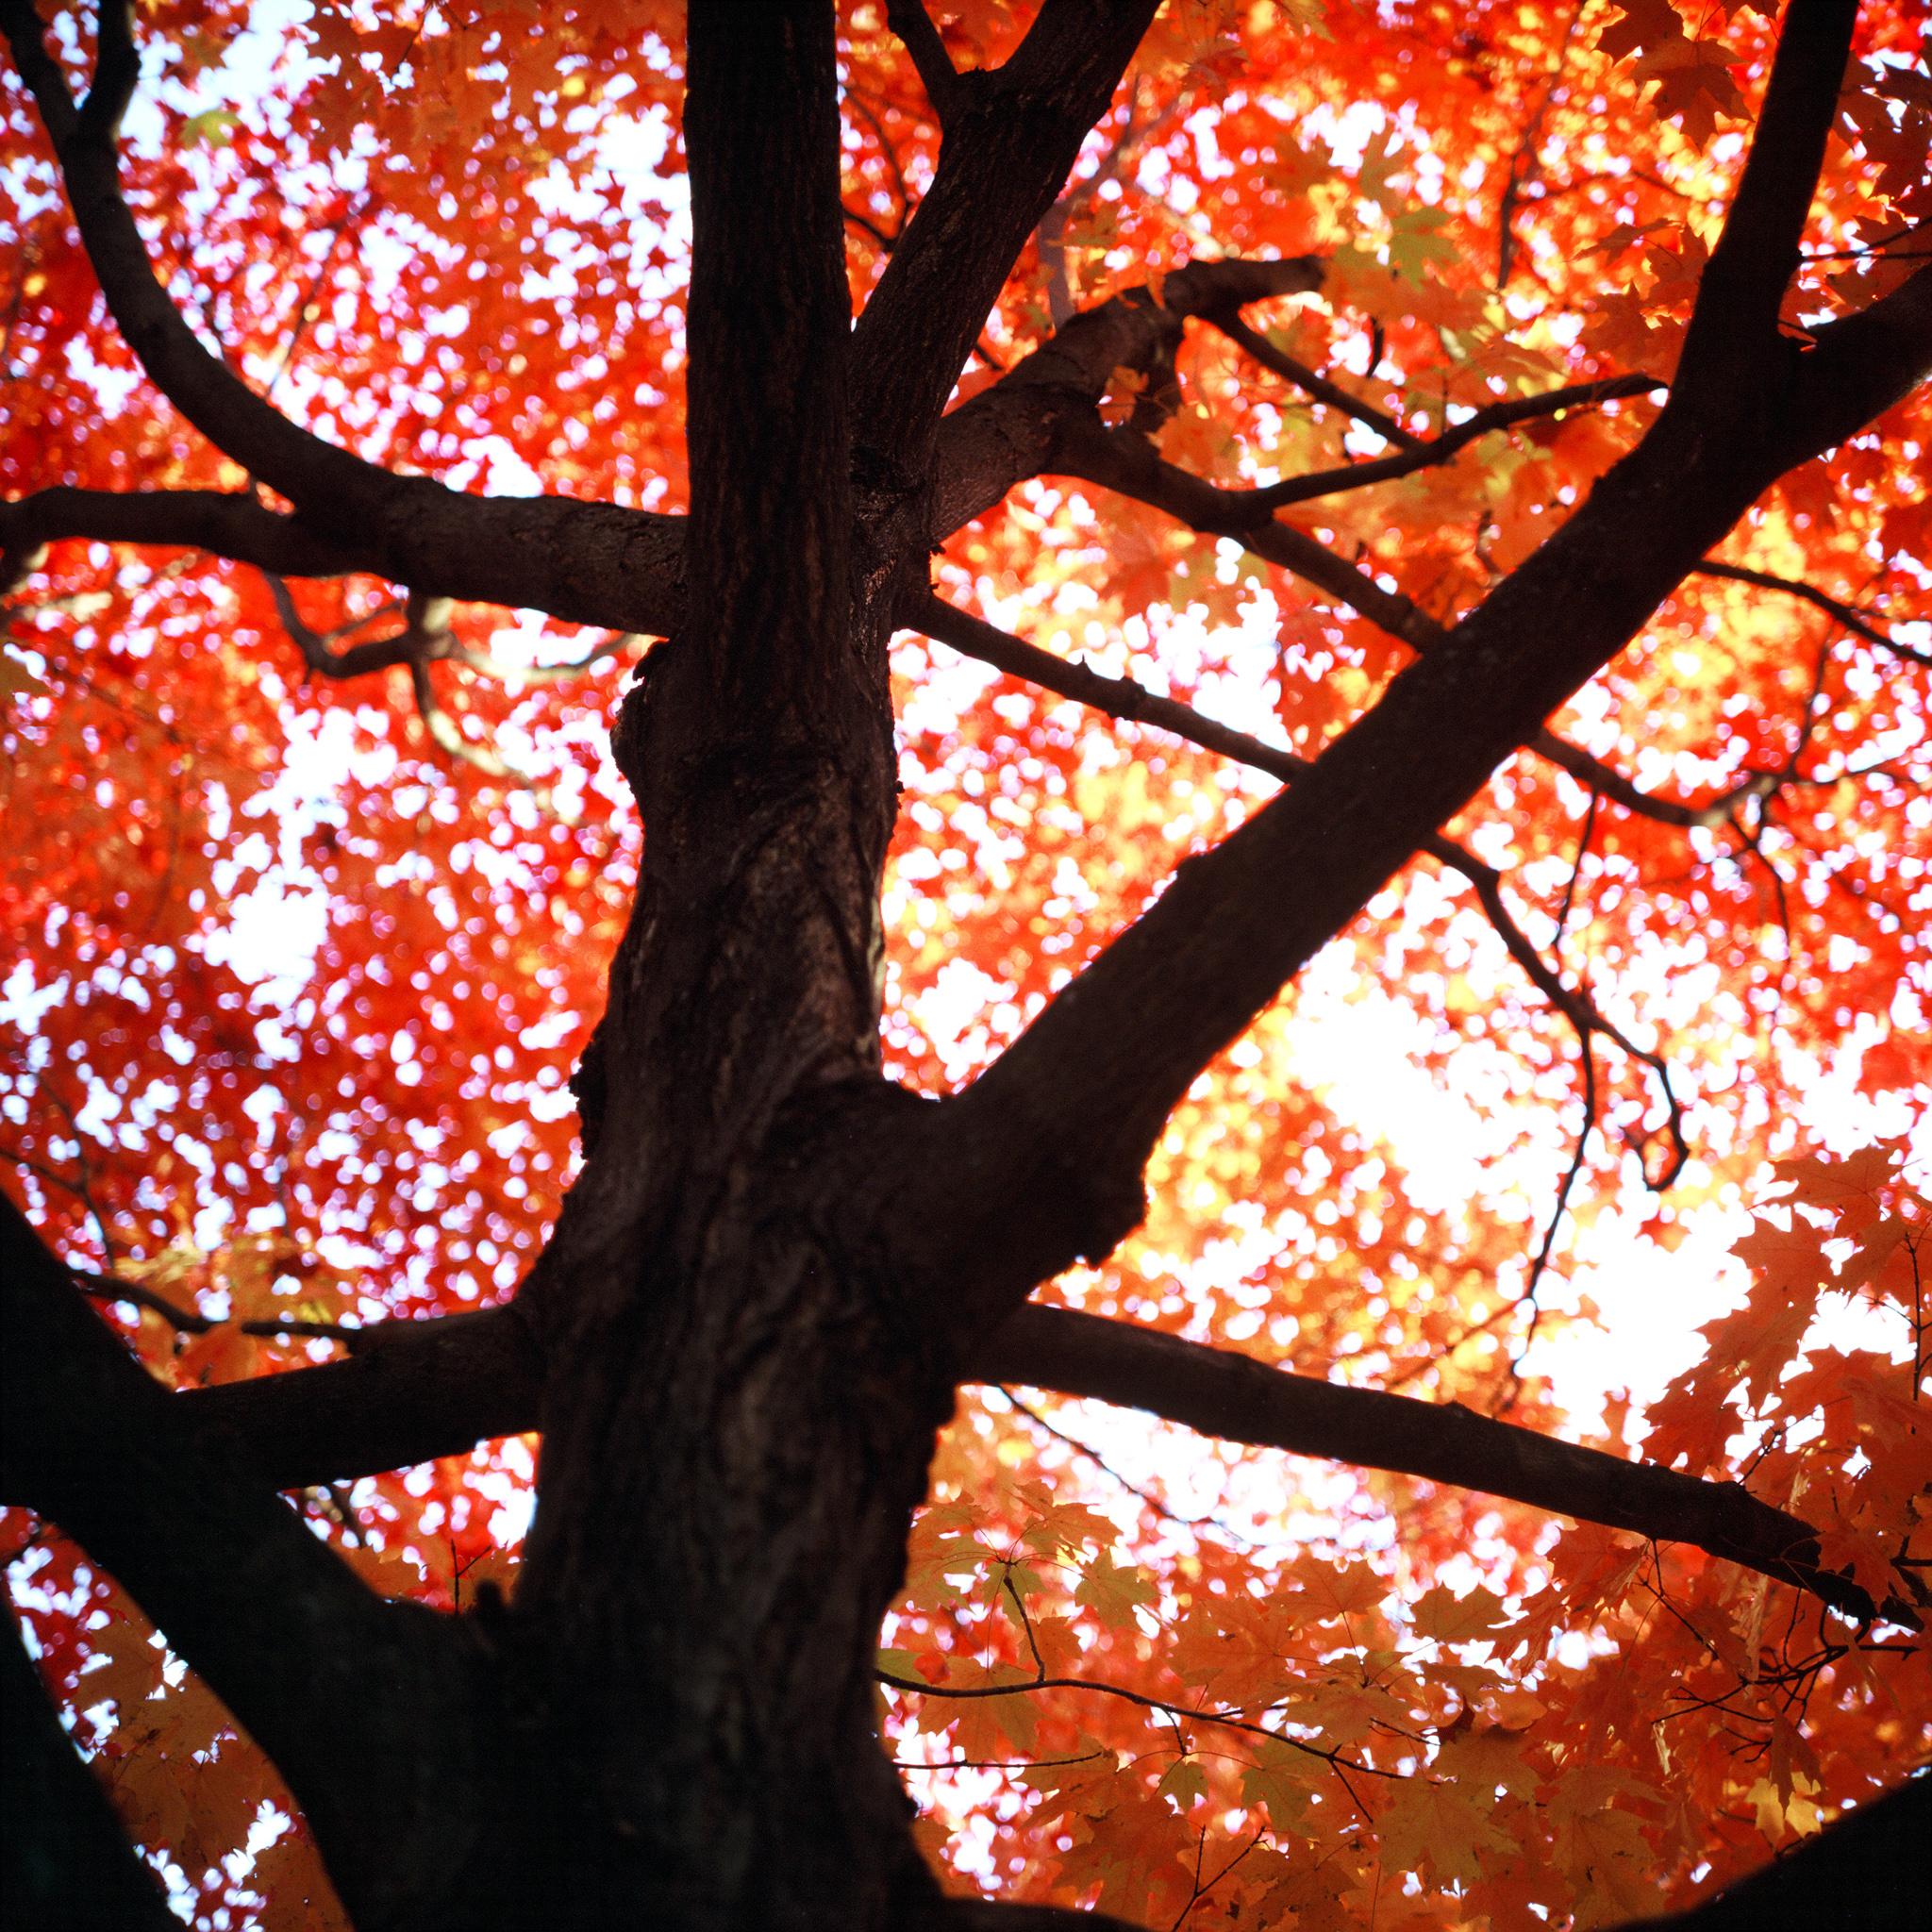 tree_2016_e100gx-2.jpg